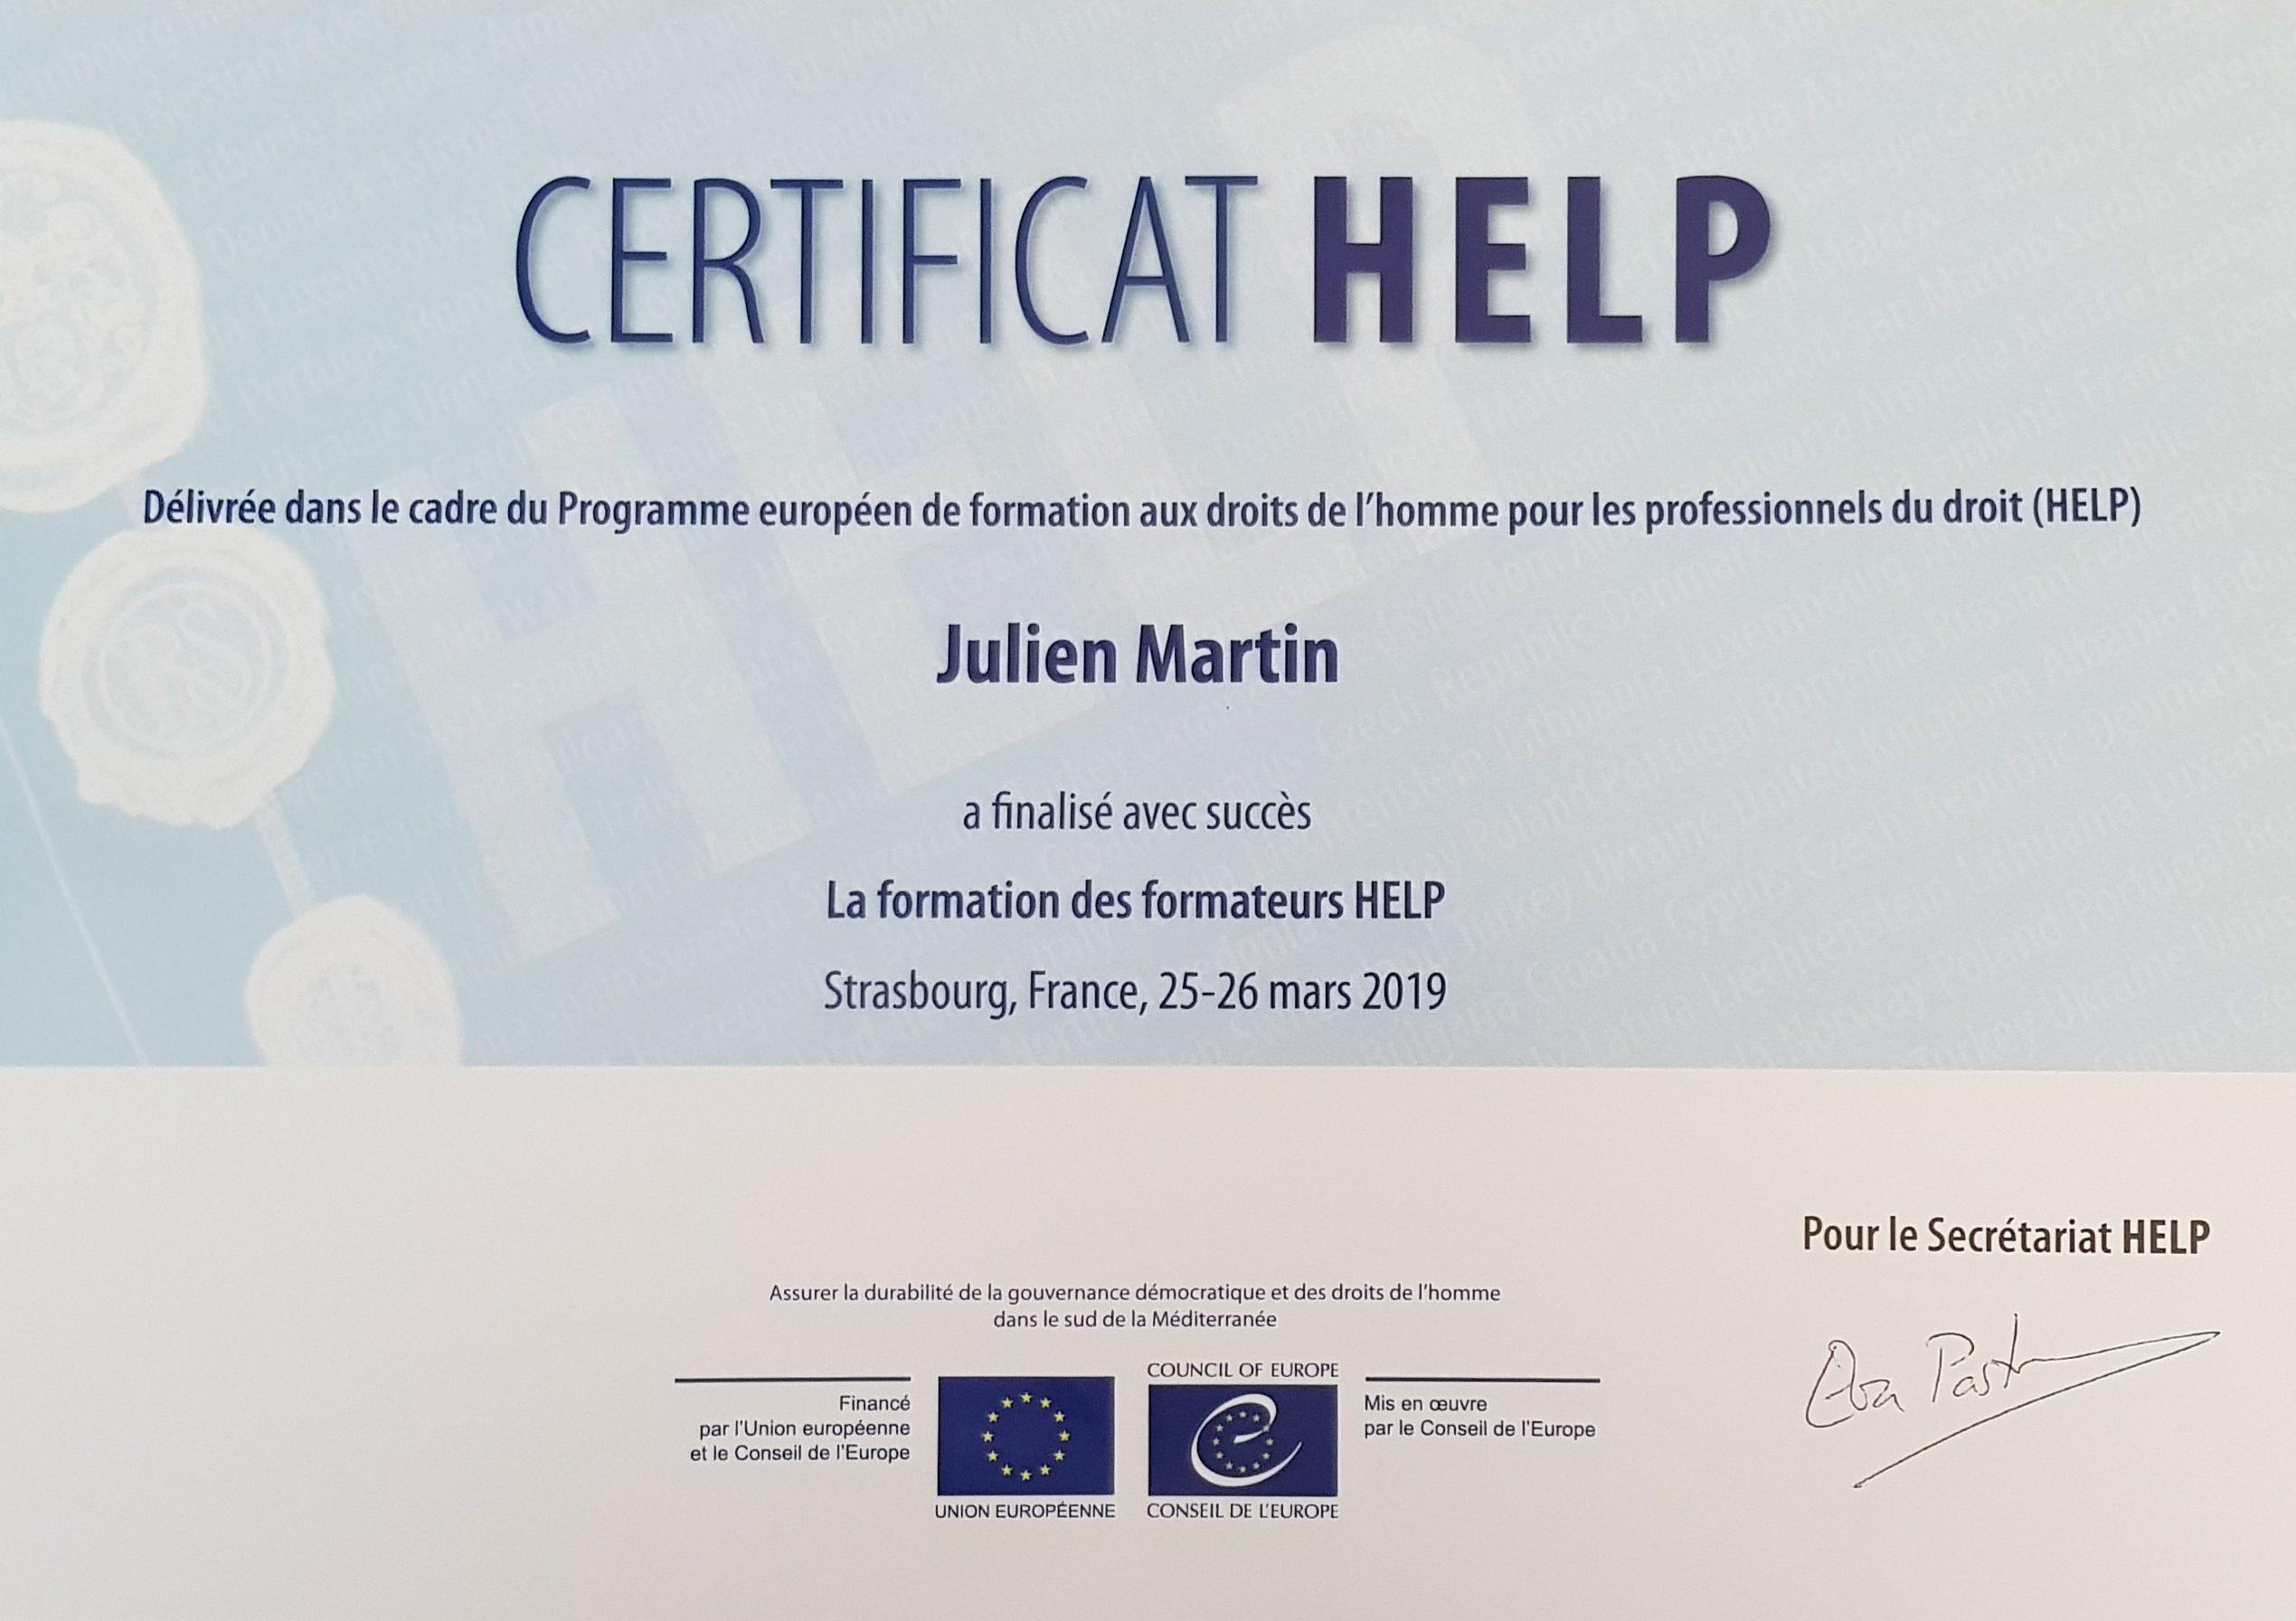 Maître Julien MARTIN est formateur certifié par le Conseil de l'europe